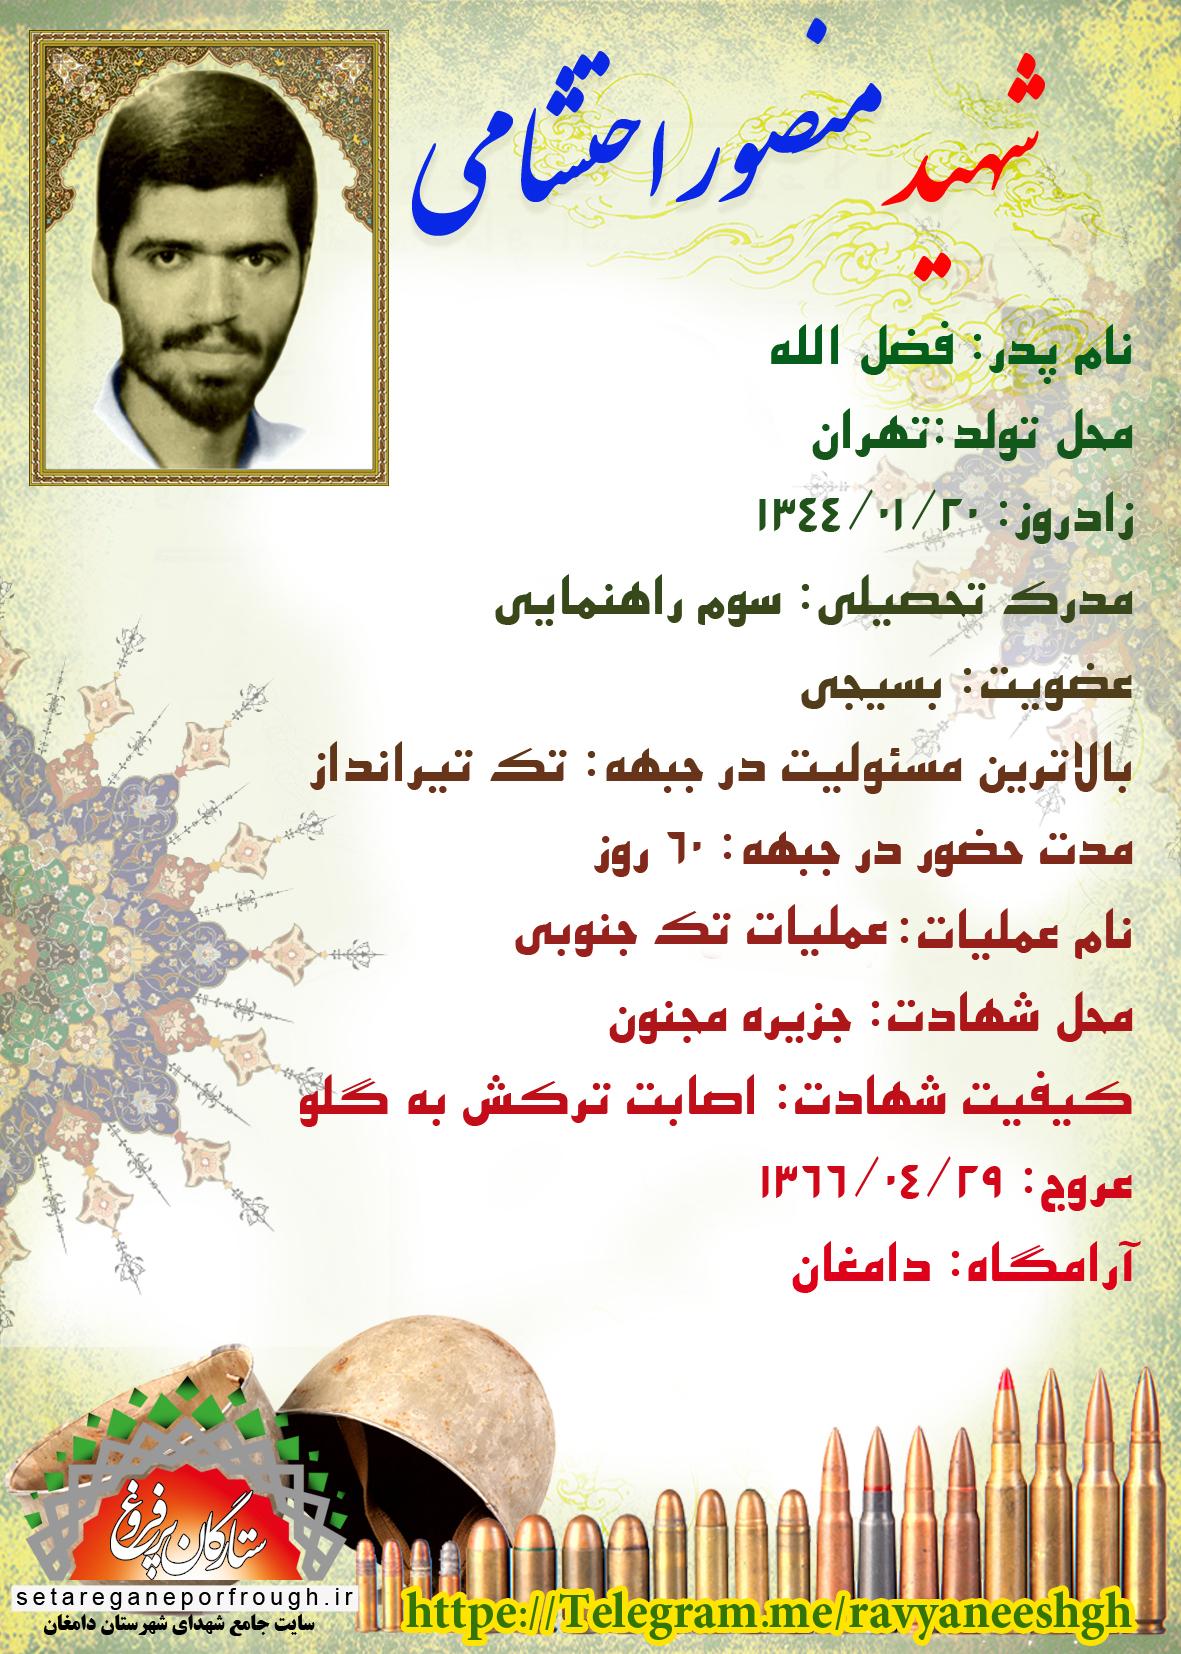 شناسنامه شهید منصور احتشامی